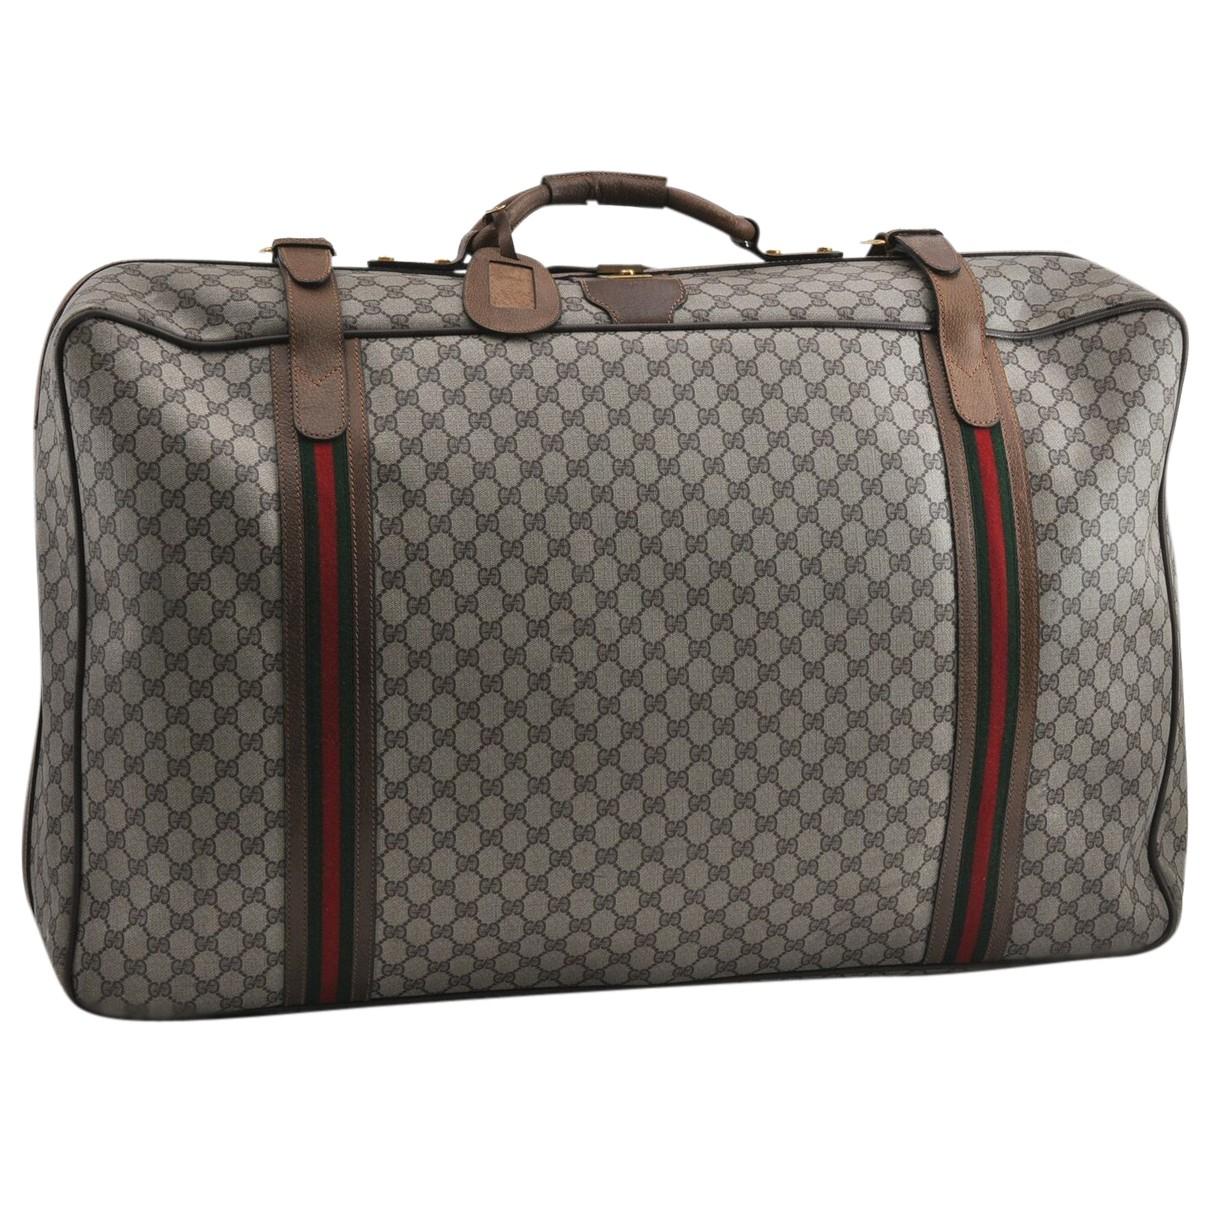 Gucci \N Reisetasche in  Braun Leinen